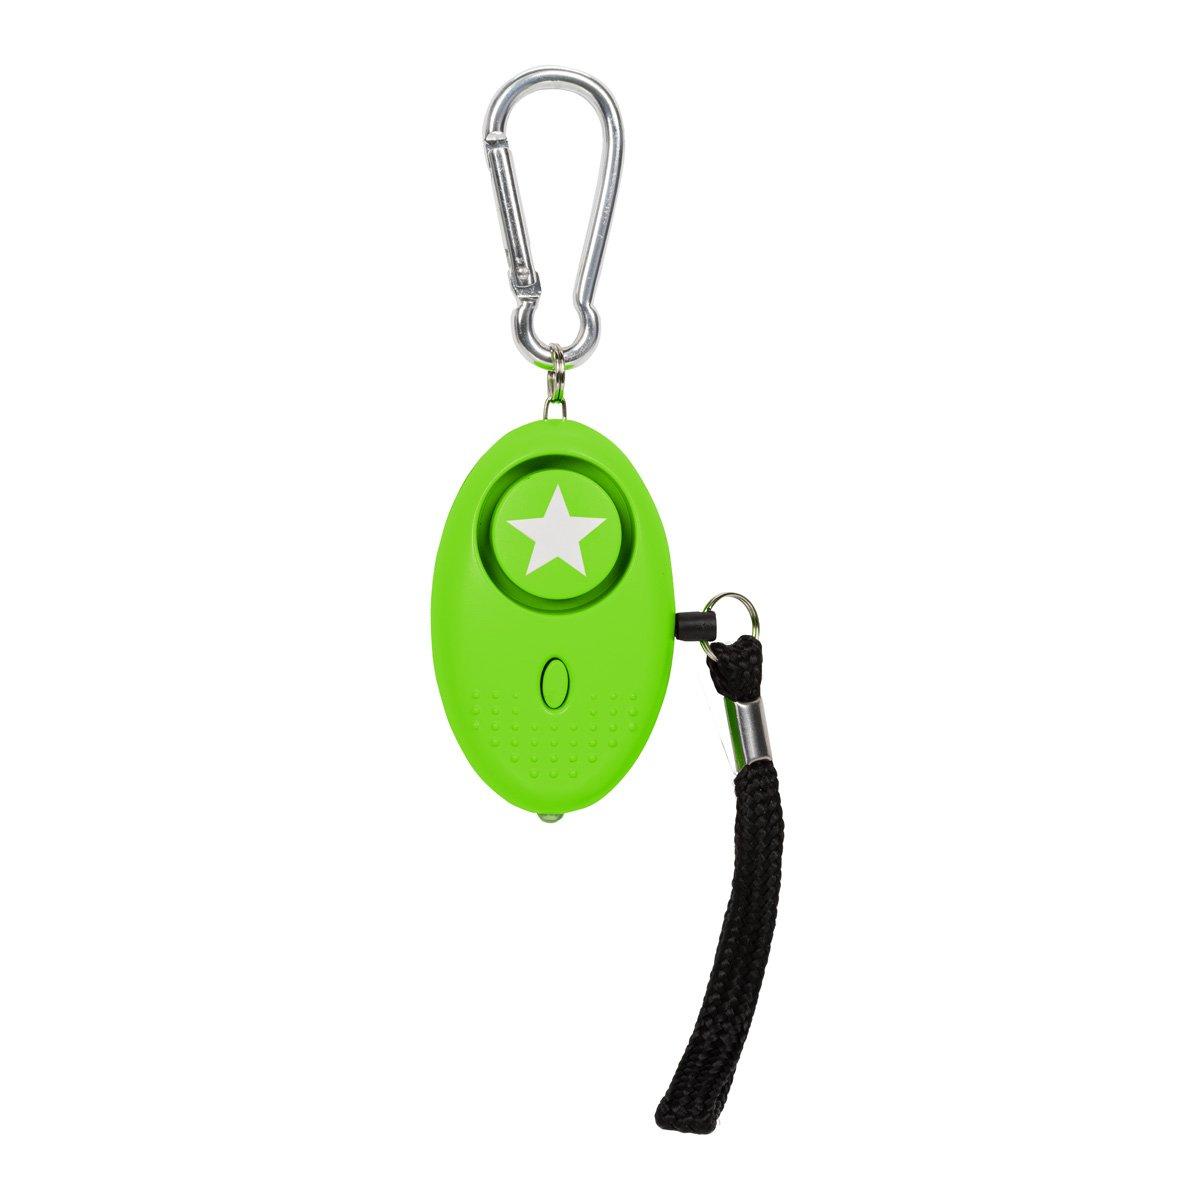 Seguridad contra violaciones 130dB Alarma de P/ánico con la protecci/ón de antorcha tiiwee Alarma Personal Defensa Personal